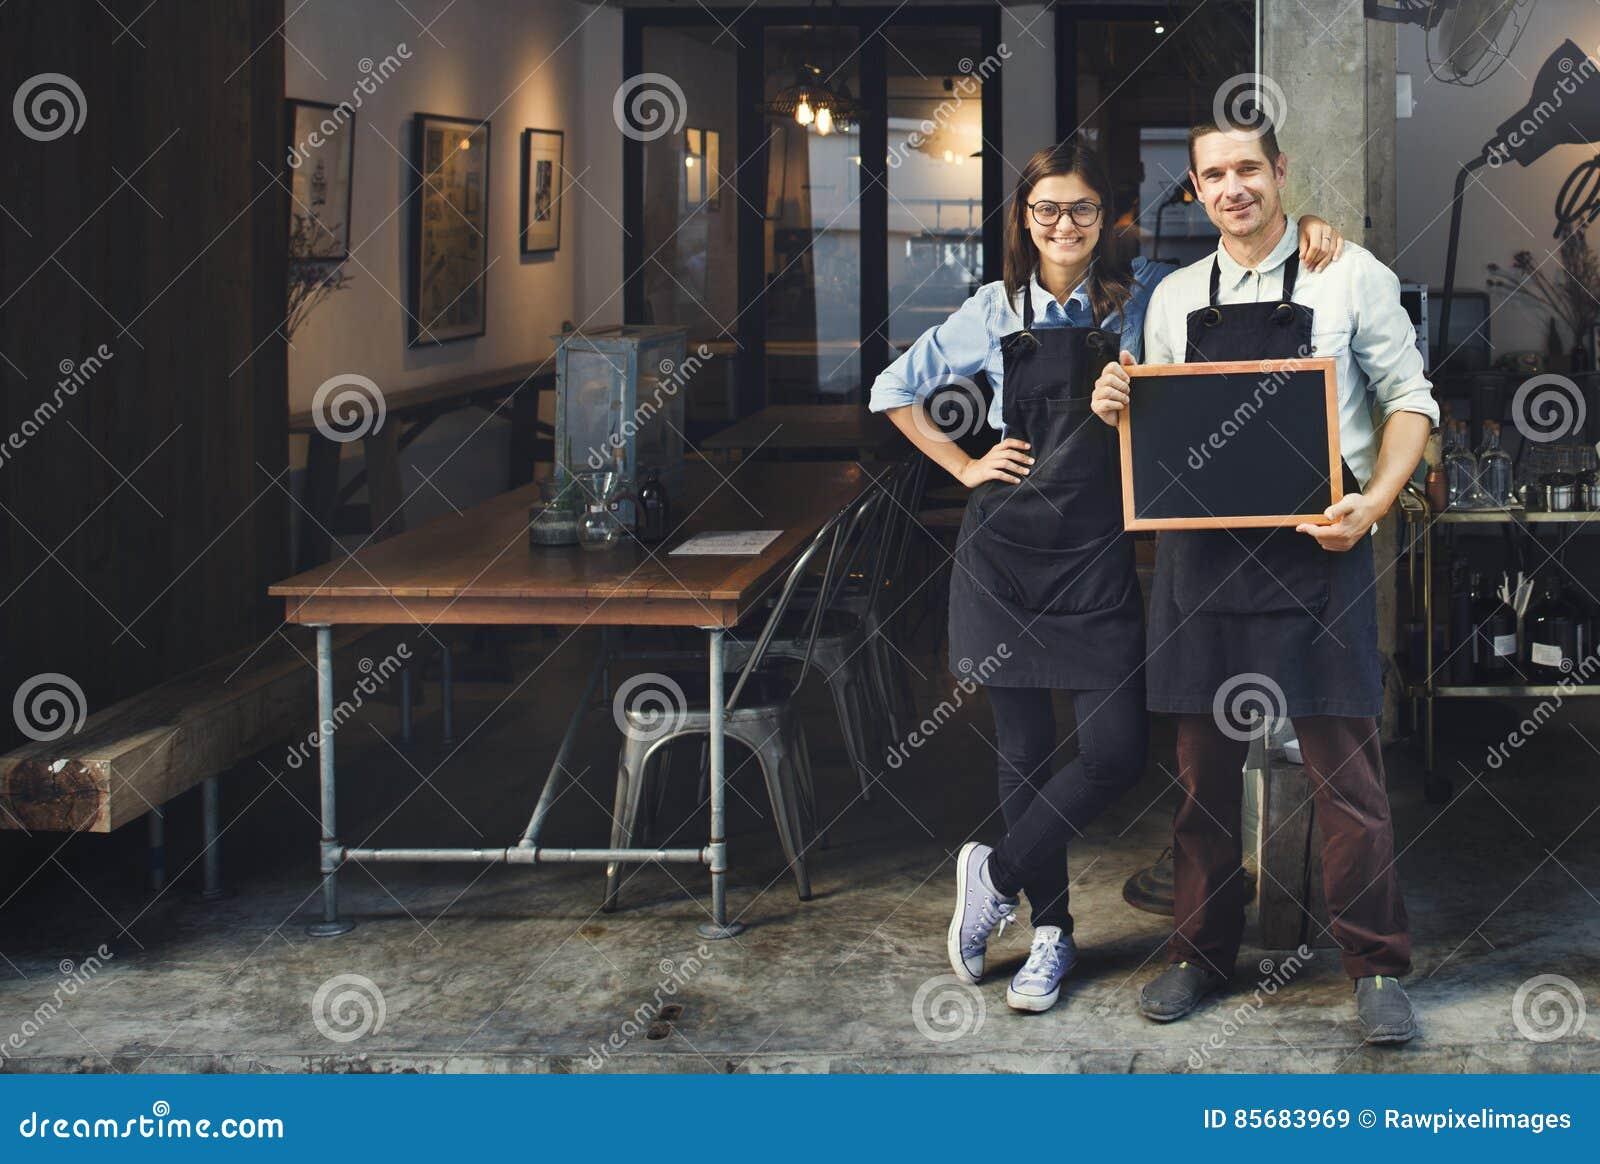 Restaurant-Konzept Paare Barista Coffee Shop Service